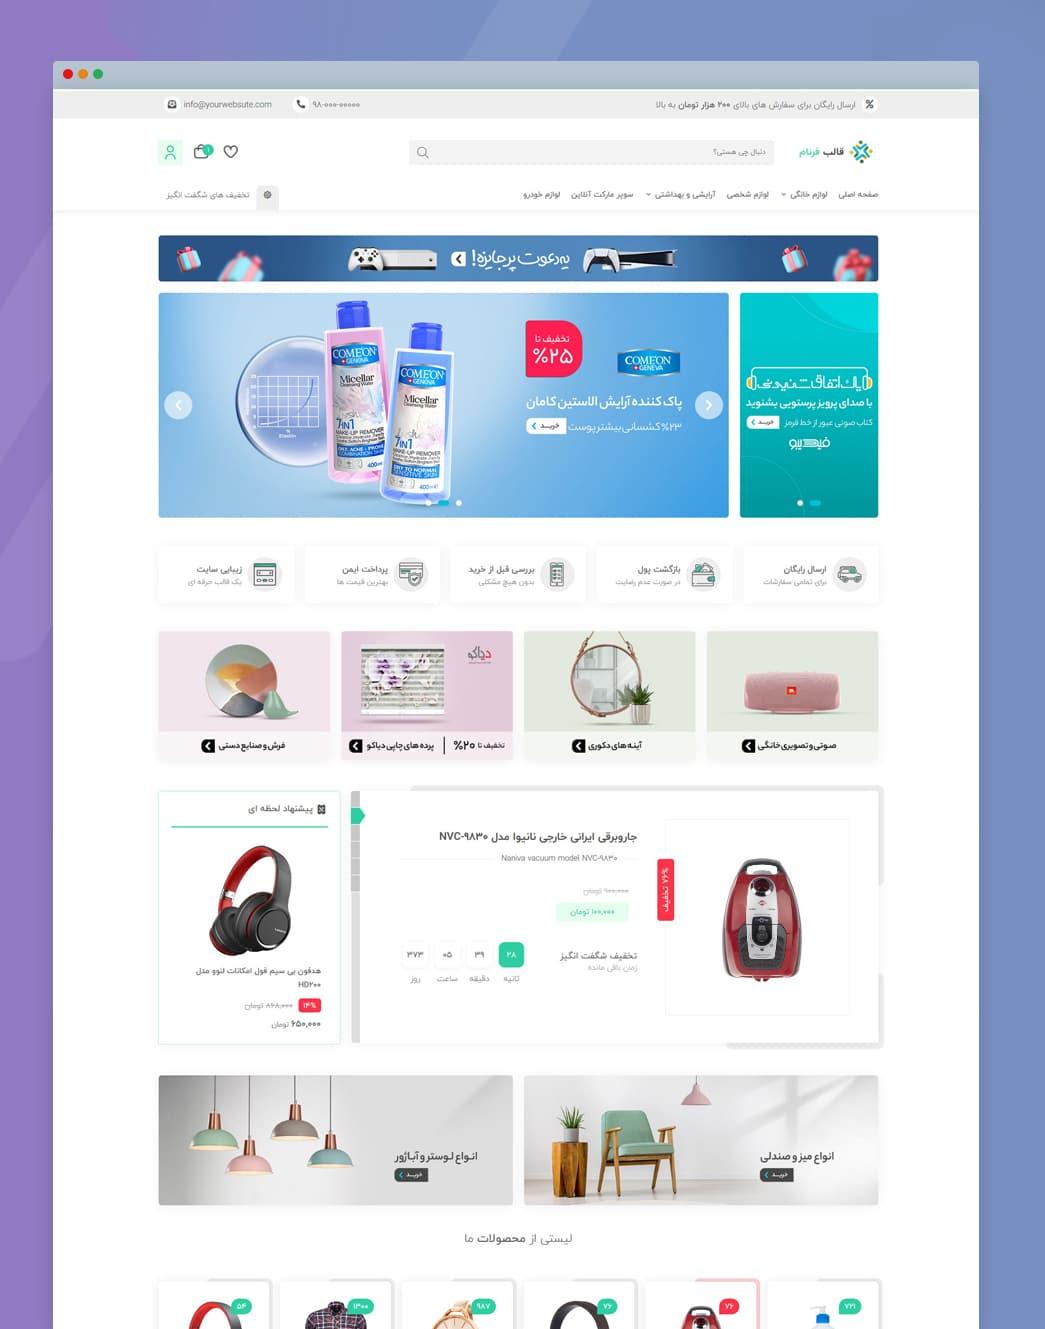 قالب فروشگاهی ووکامرس ایران کالا فرنام - صفحه اصلی 1